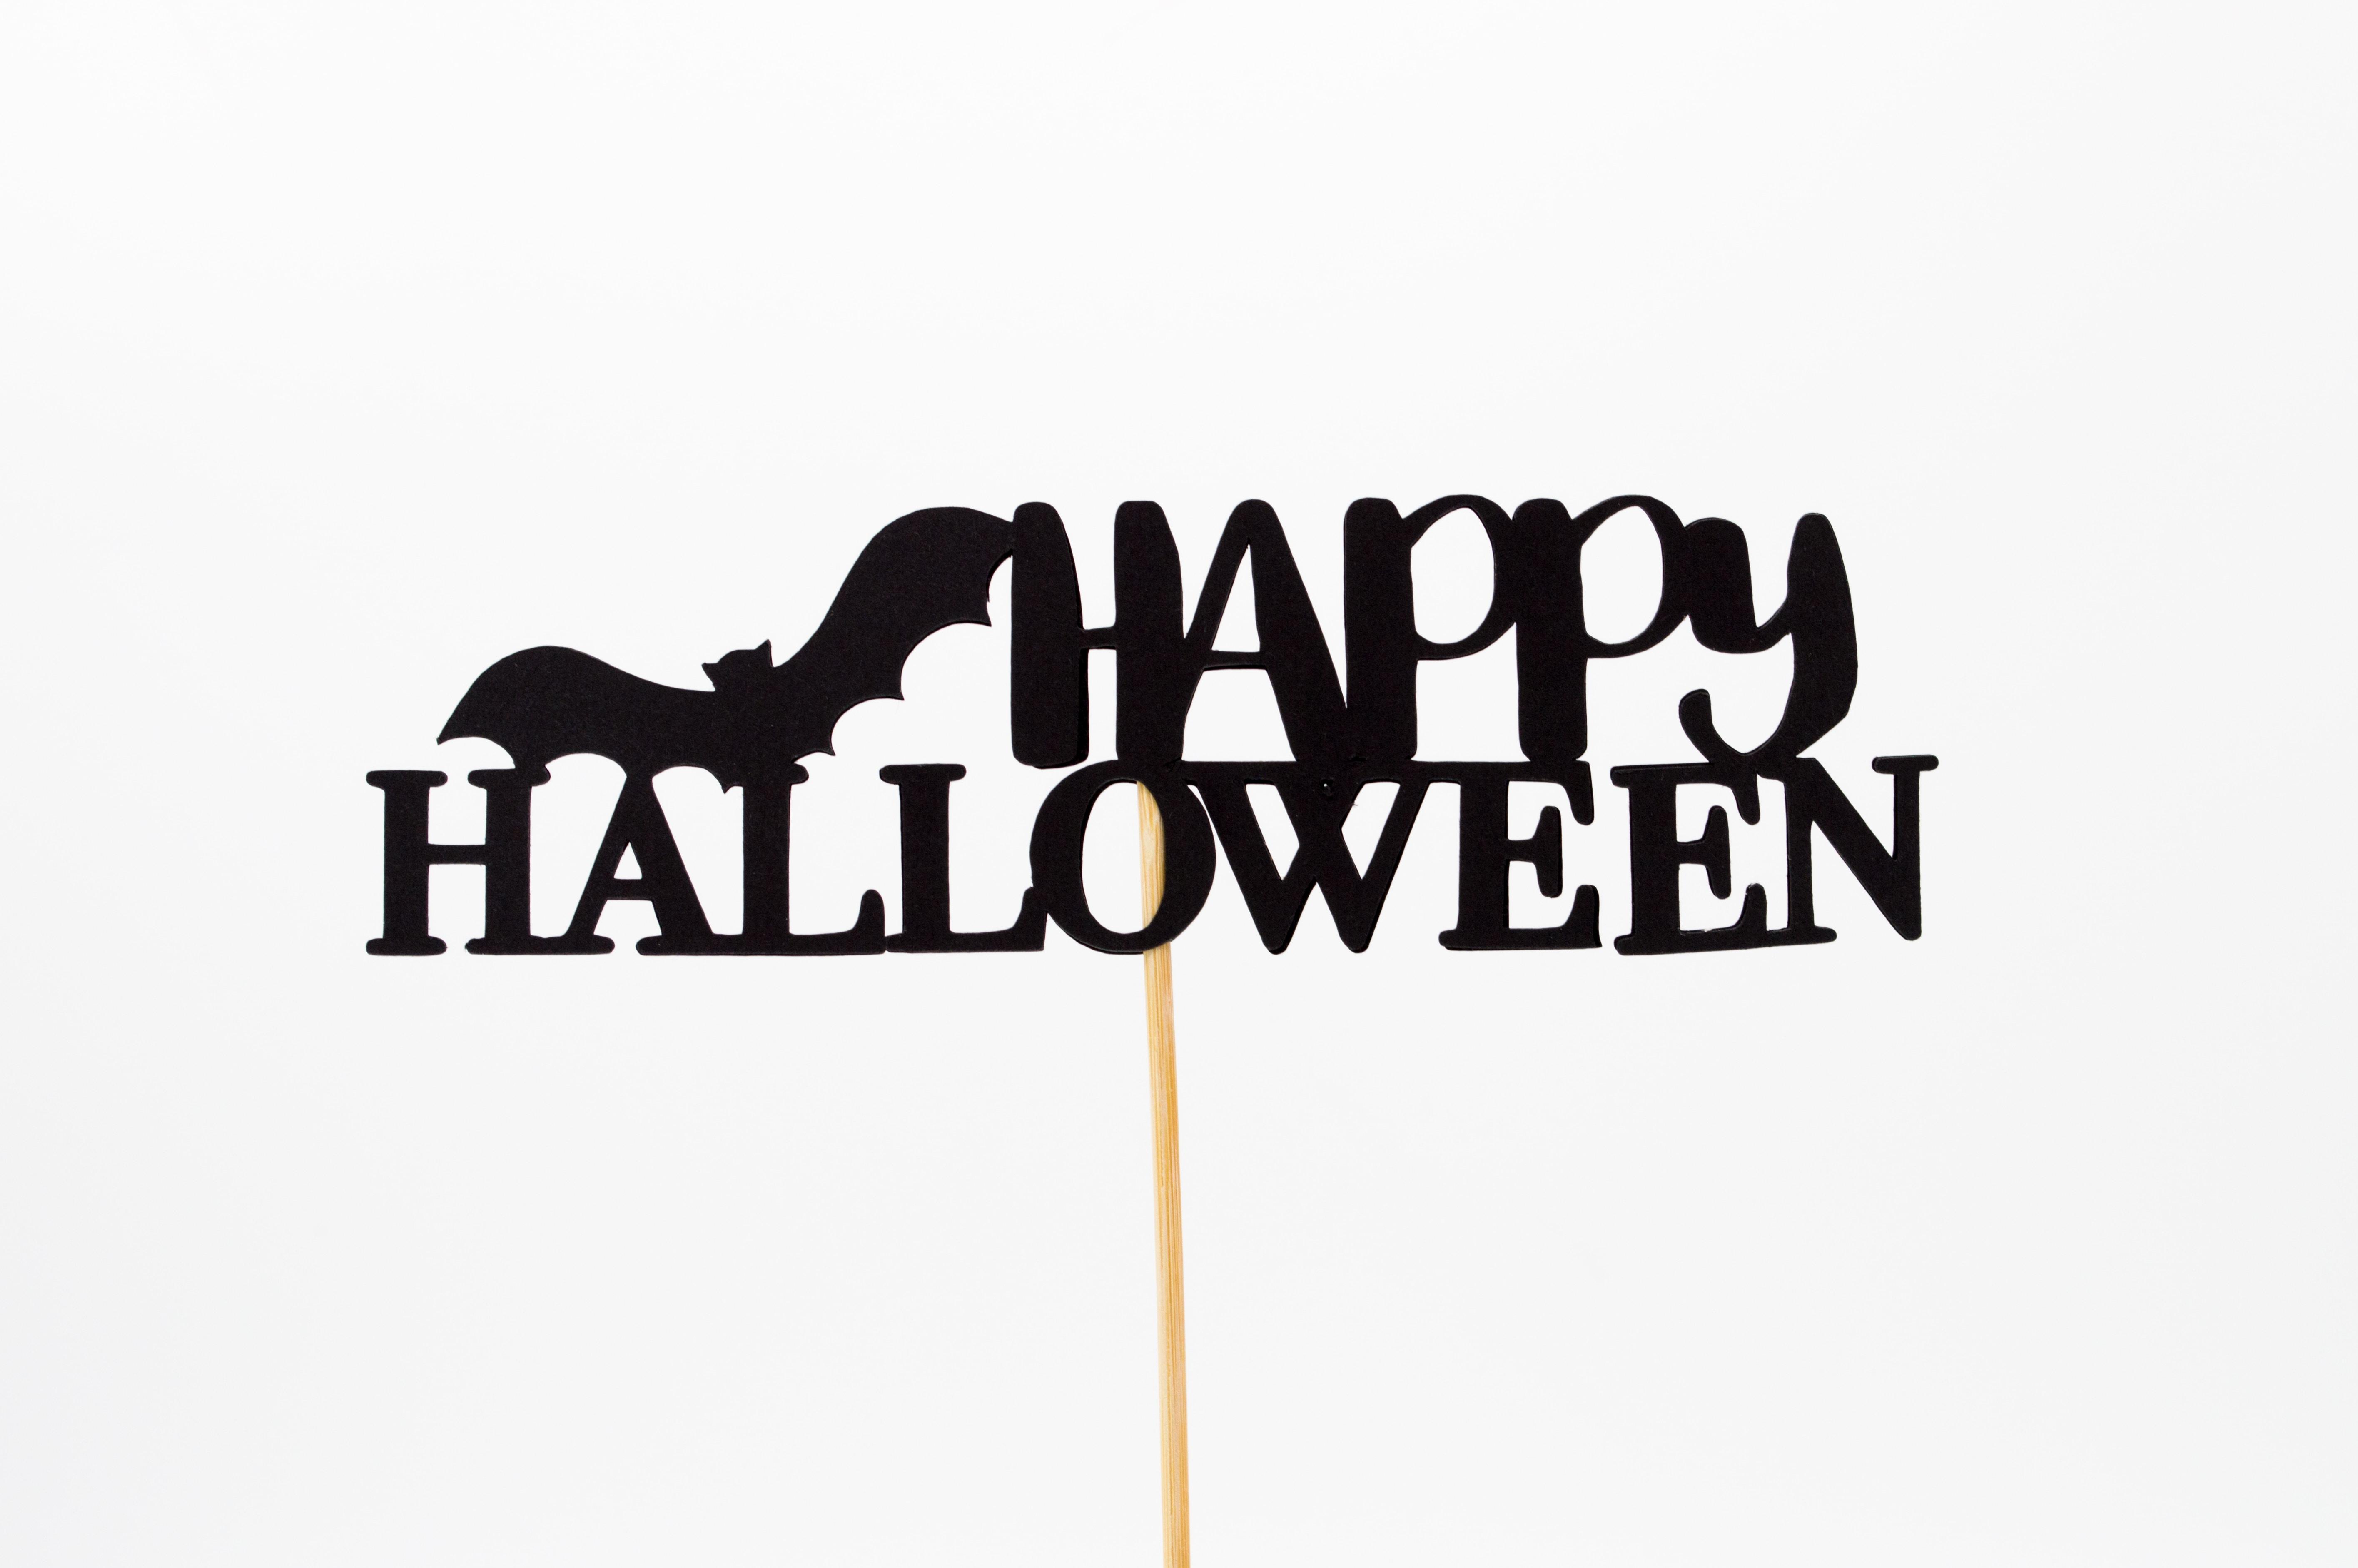 happy Halloween signage